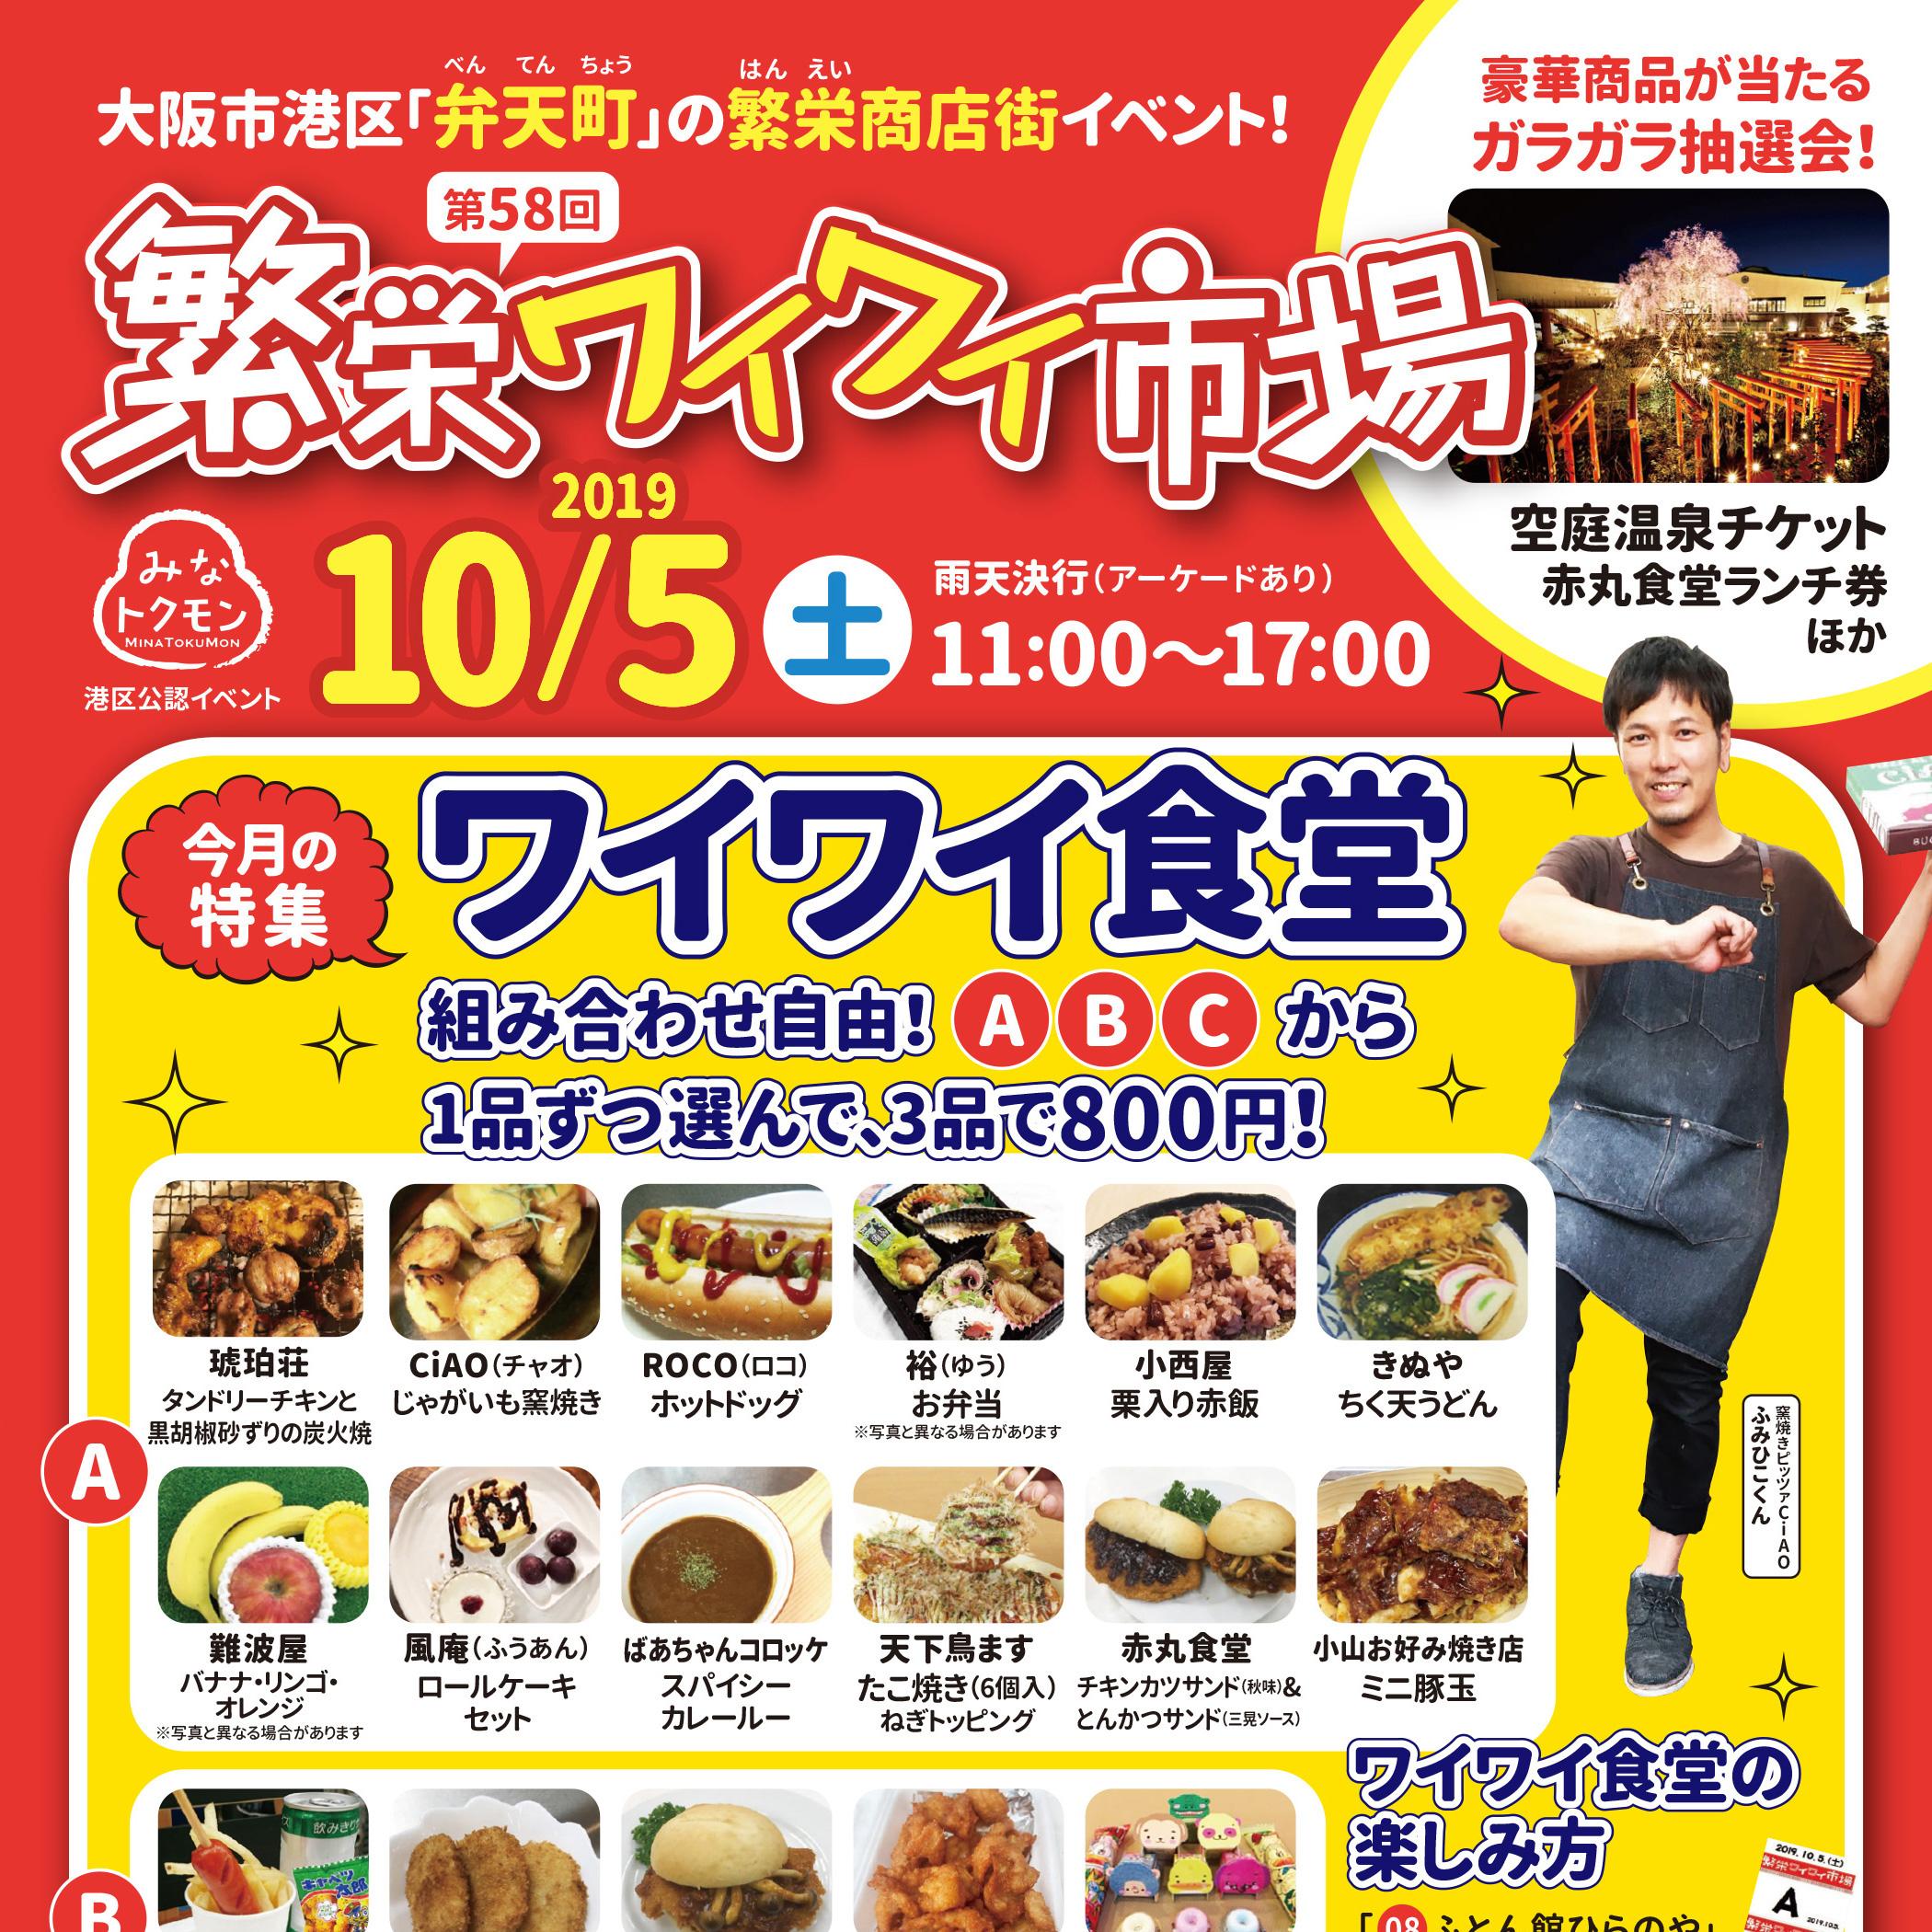 第58回 繁栄ワイワイ市場(大阪市港区・繁栄商店街)ワイワイ食堂